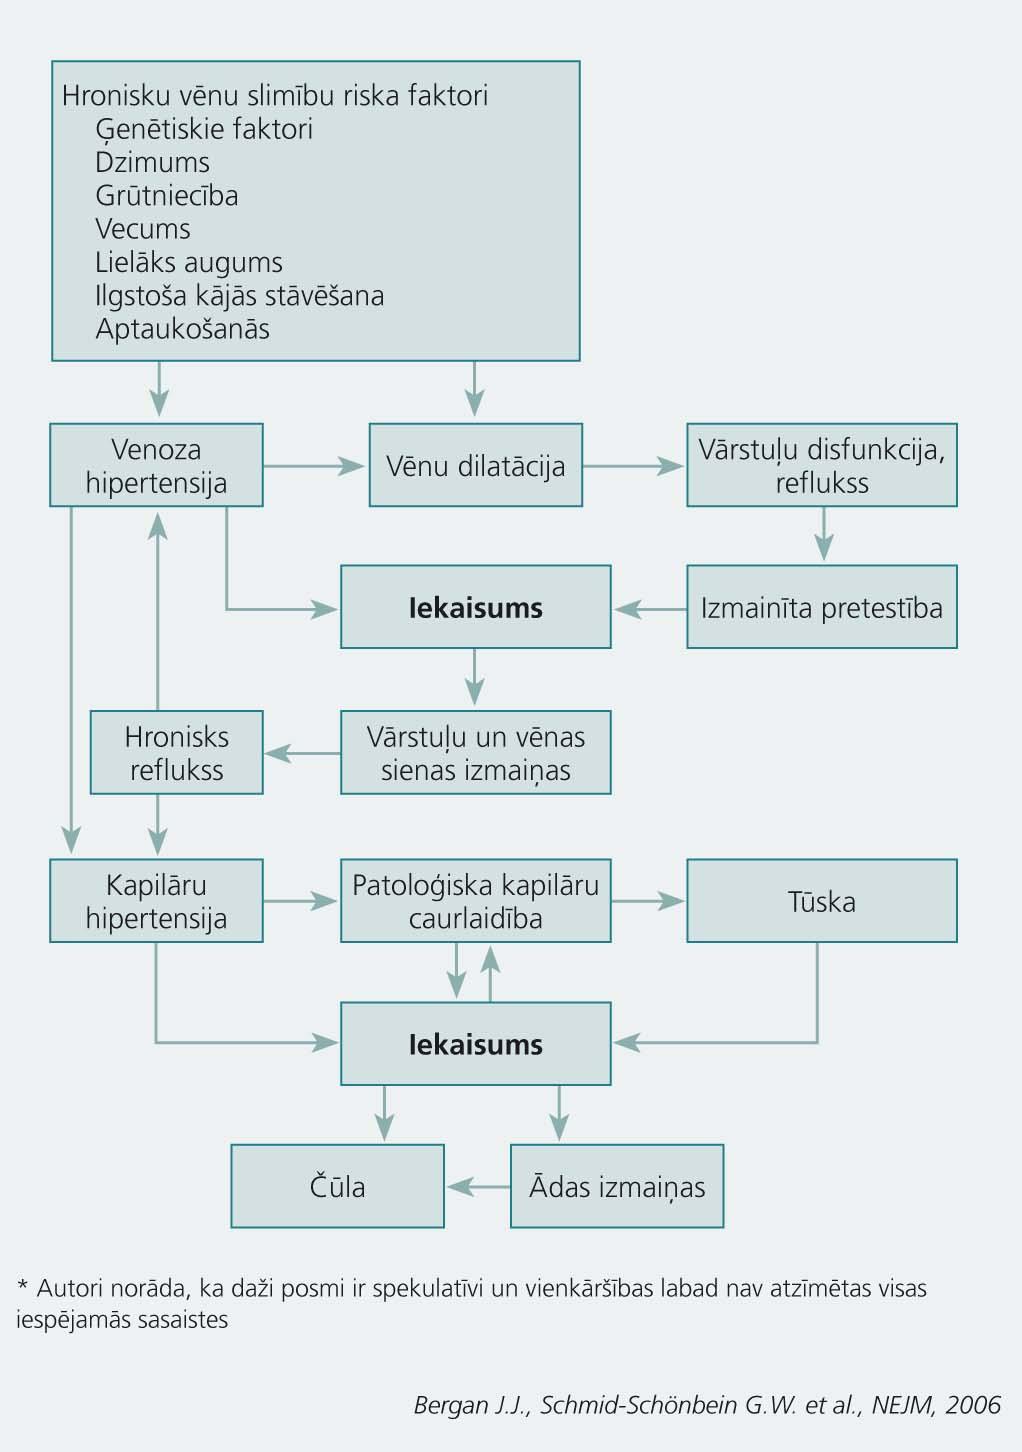 Venoza hipertensija kā hroniskas vēnu  slimības klīniskās manifestācijas iemesls, uzsverot iekaisuma lomu*